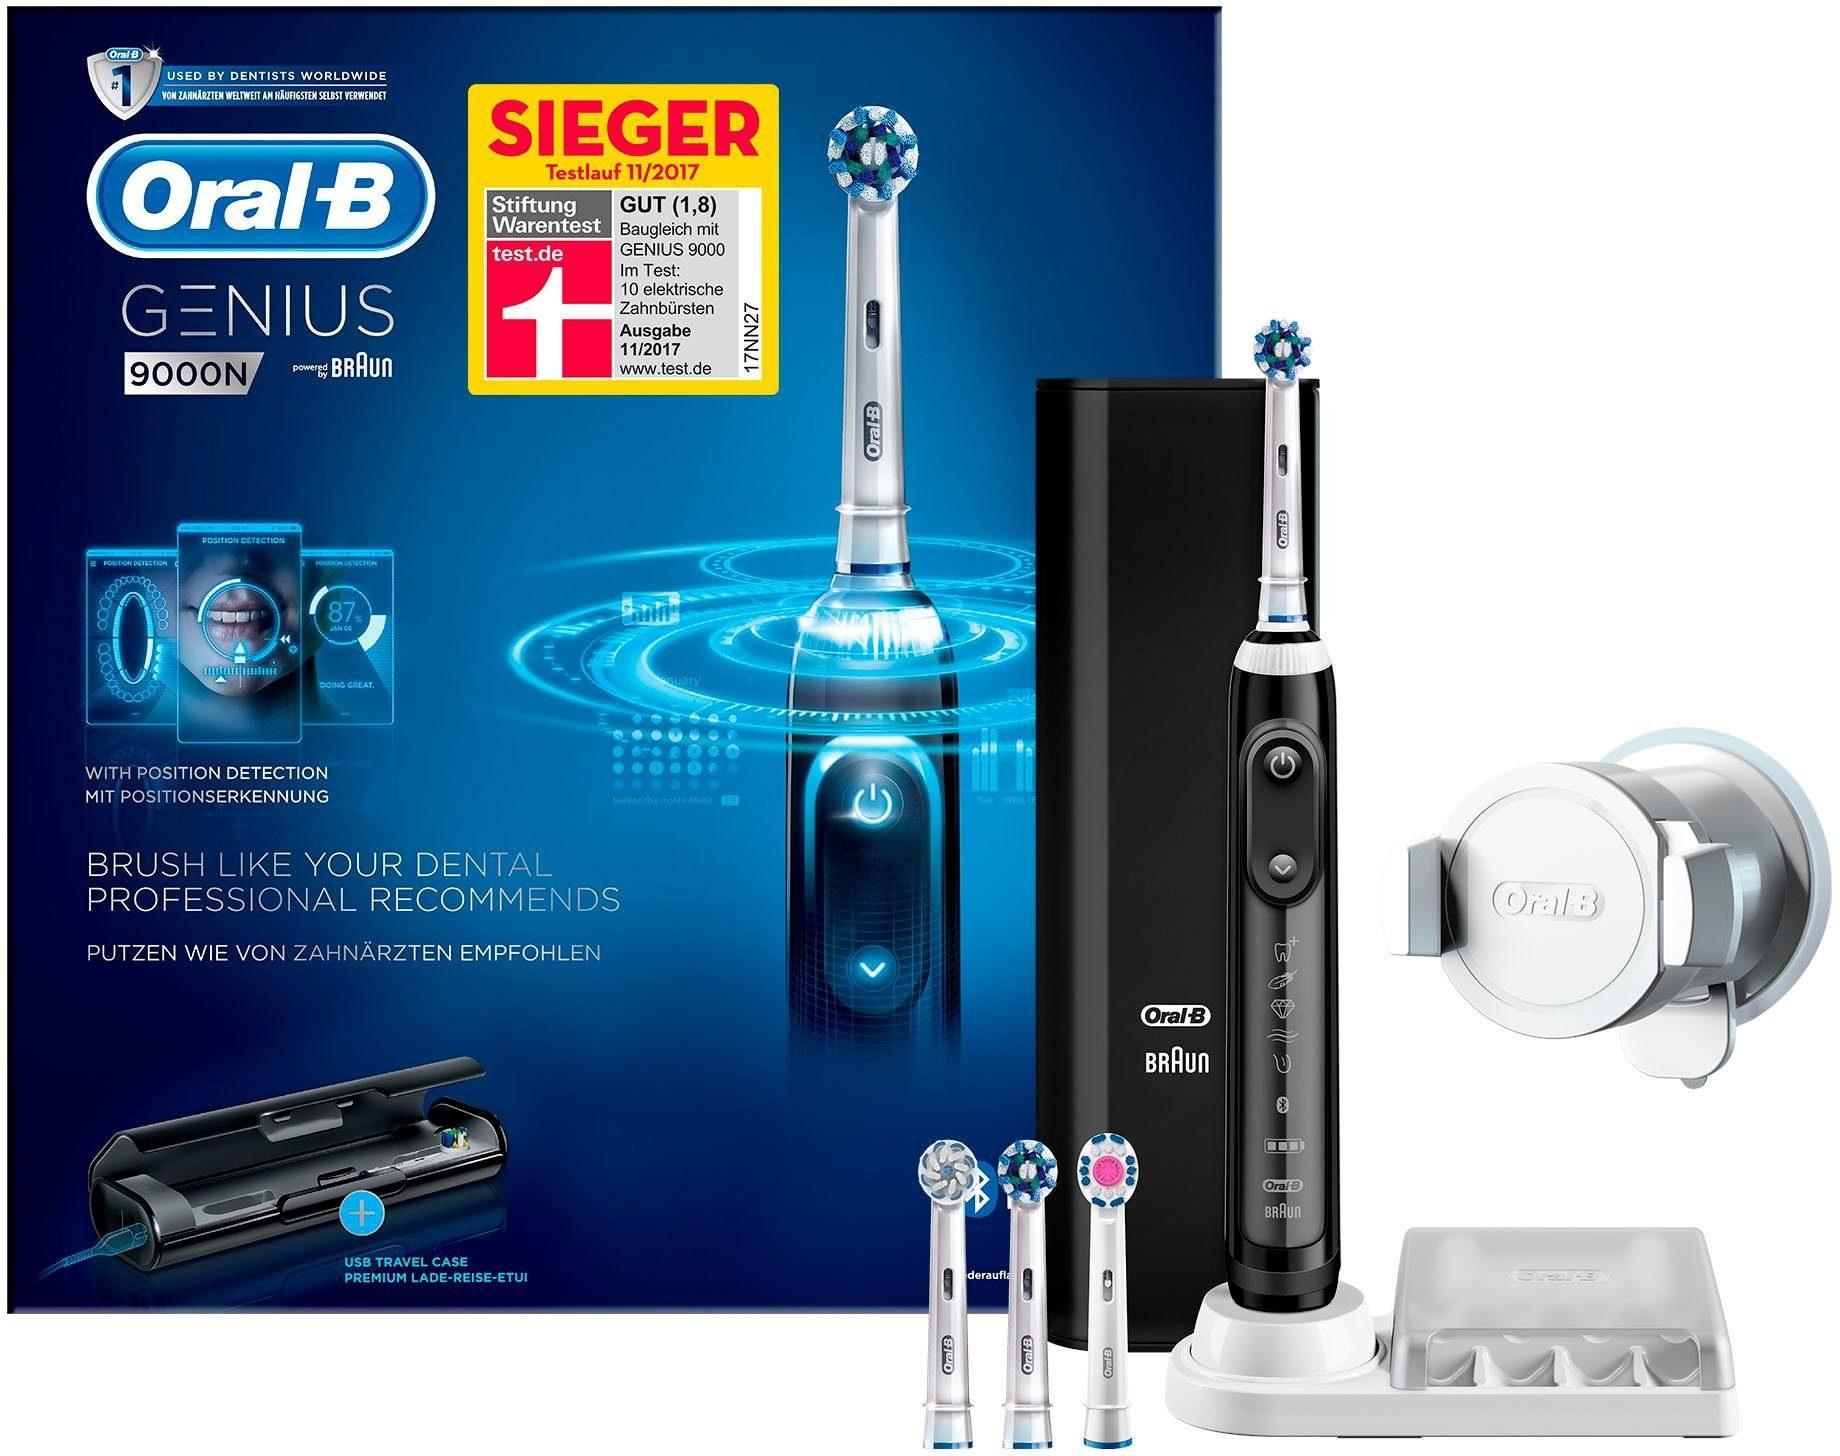 Oral B Elektrische Zahnbürste Genius 9000N, Aufsteckbürsten: 4 St., Smartphone-Halterung, Powered By Braun